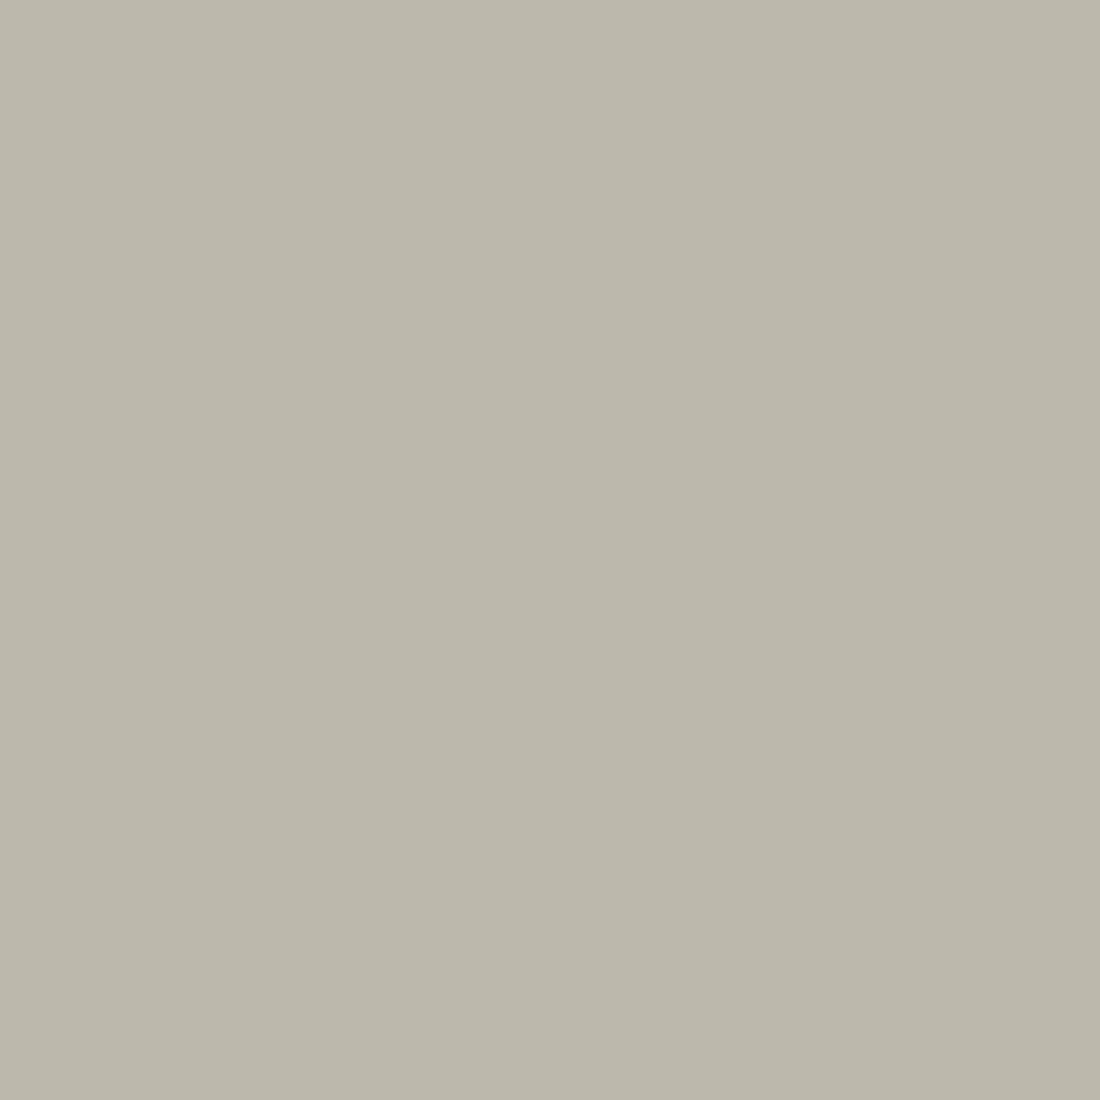 Porcelanato Delta Tecno Avorio 80x80 Borda Reta